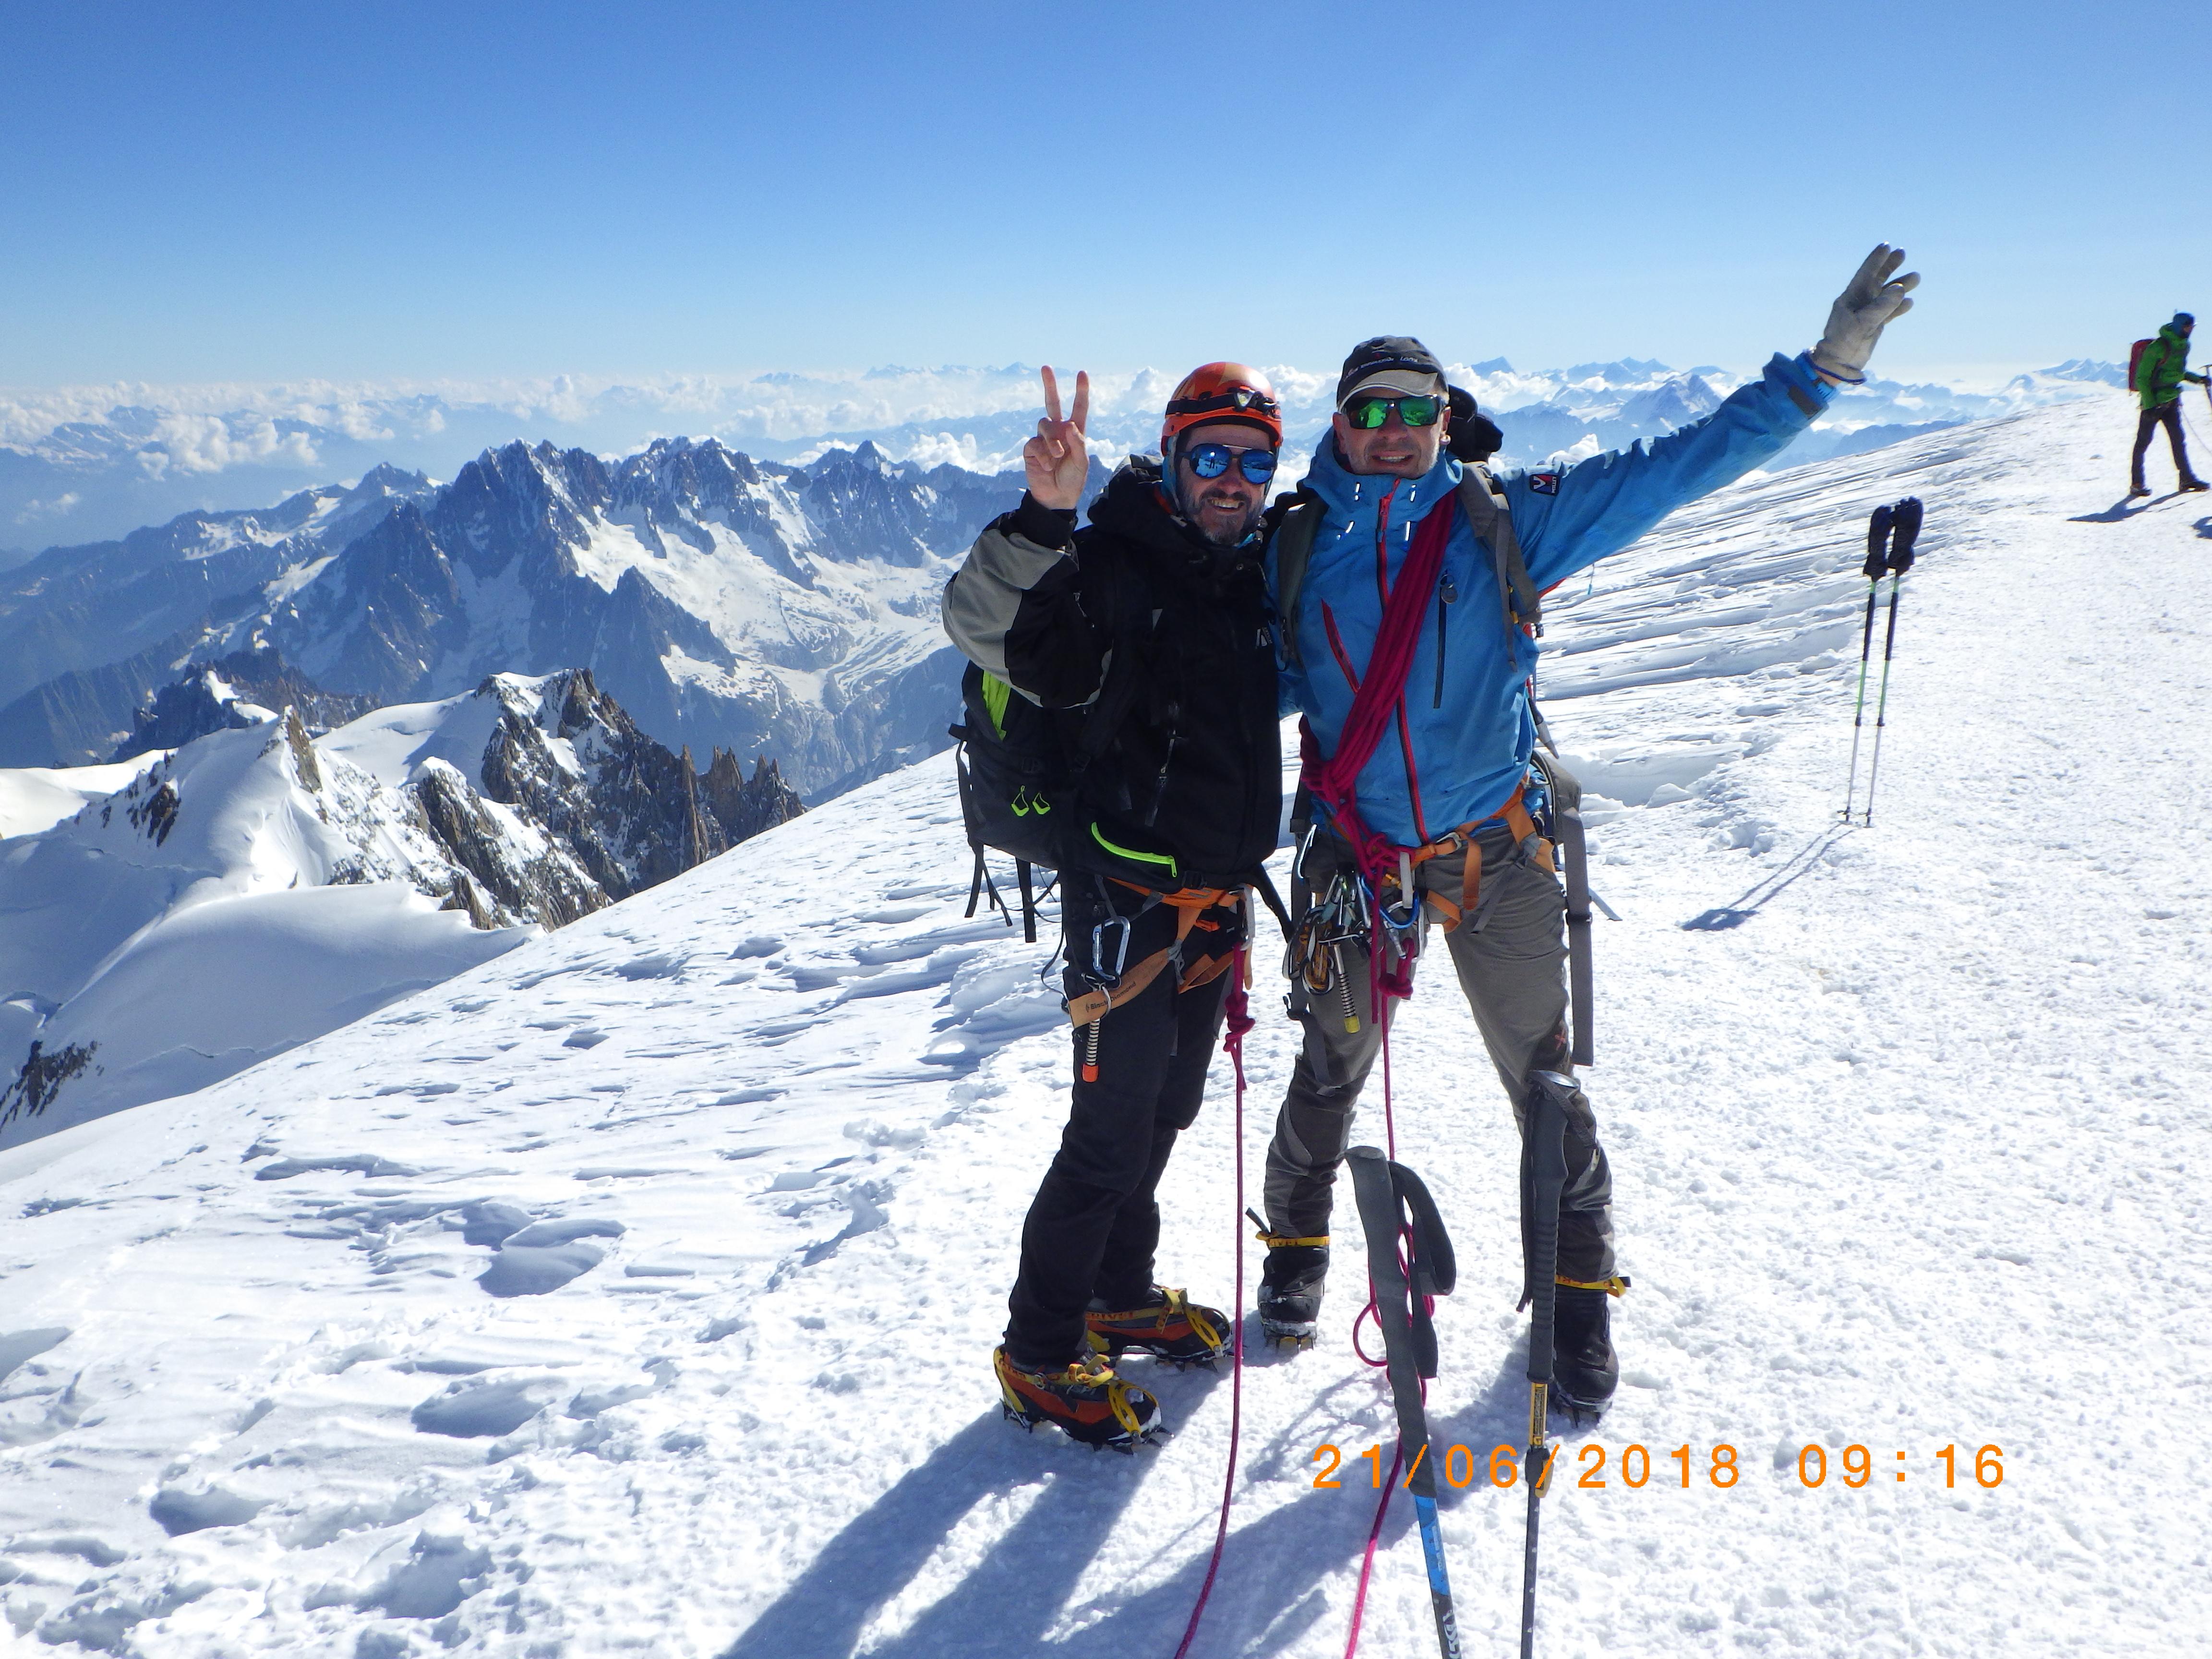 Le Mont-Blanc, superbe et immaculé, symbolise le désir extrême de l'homme de s'élever « Toujours plus haut ».